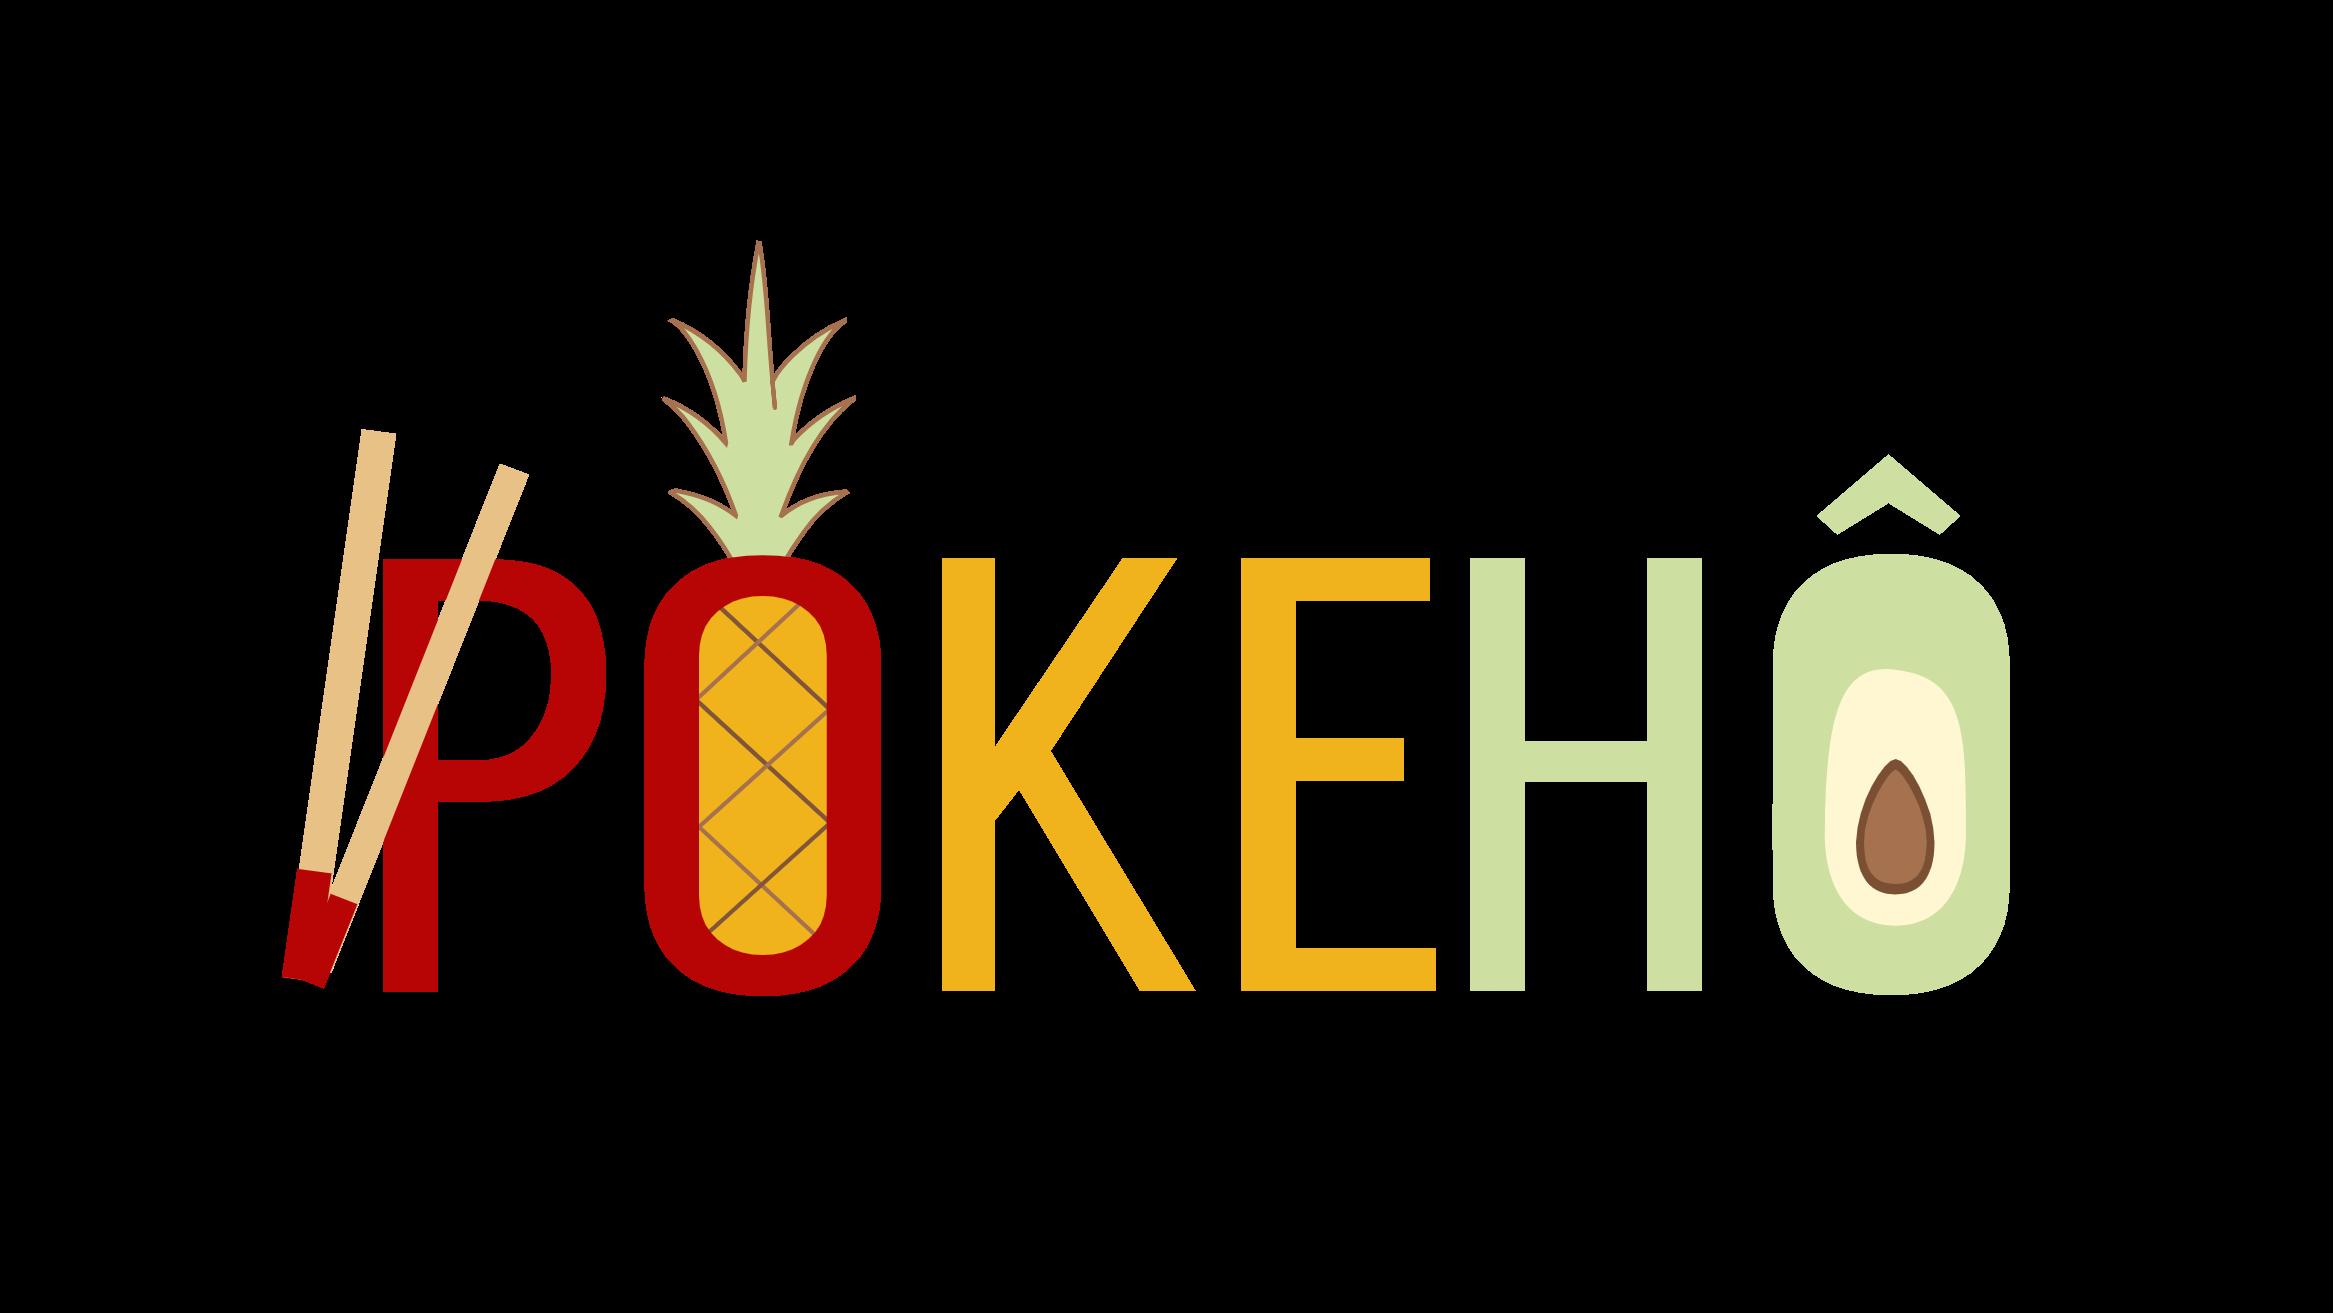 Proposition logo marque Pokébowl 1